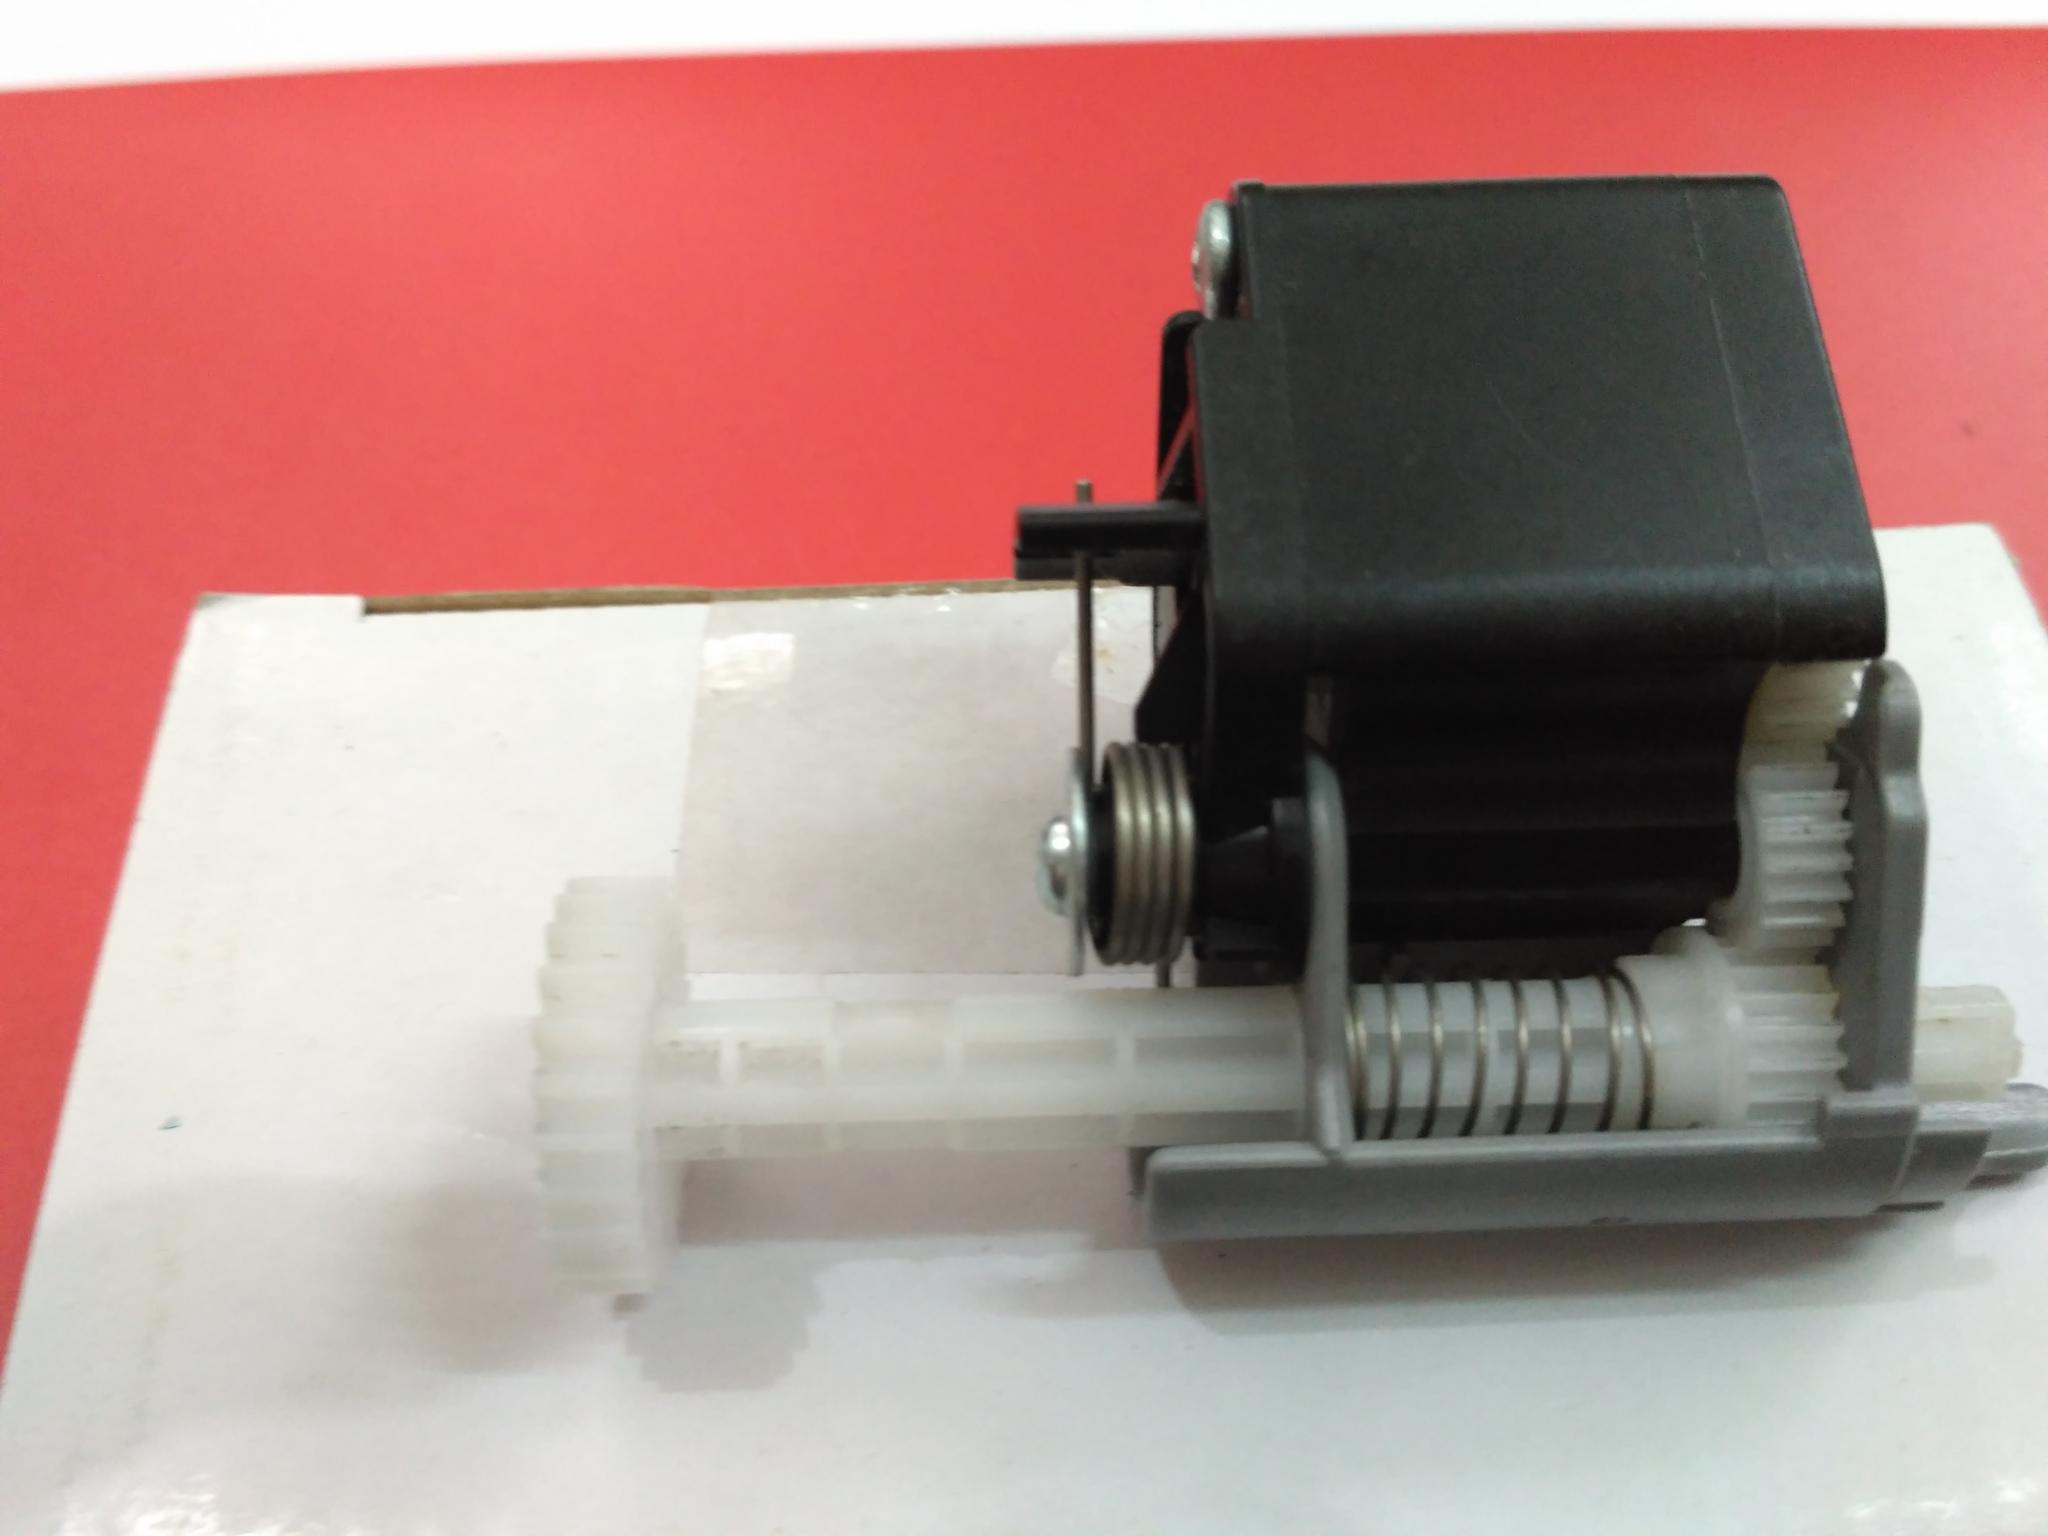 Jual Asf Pick Up Roller Printer Epson T13 Tx121 L100 L200 Penarik Kertas Weepee Tokopedia